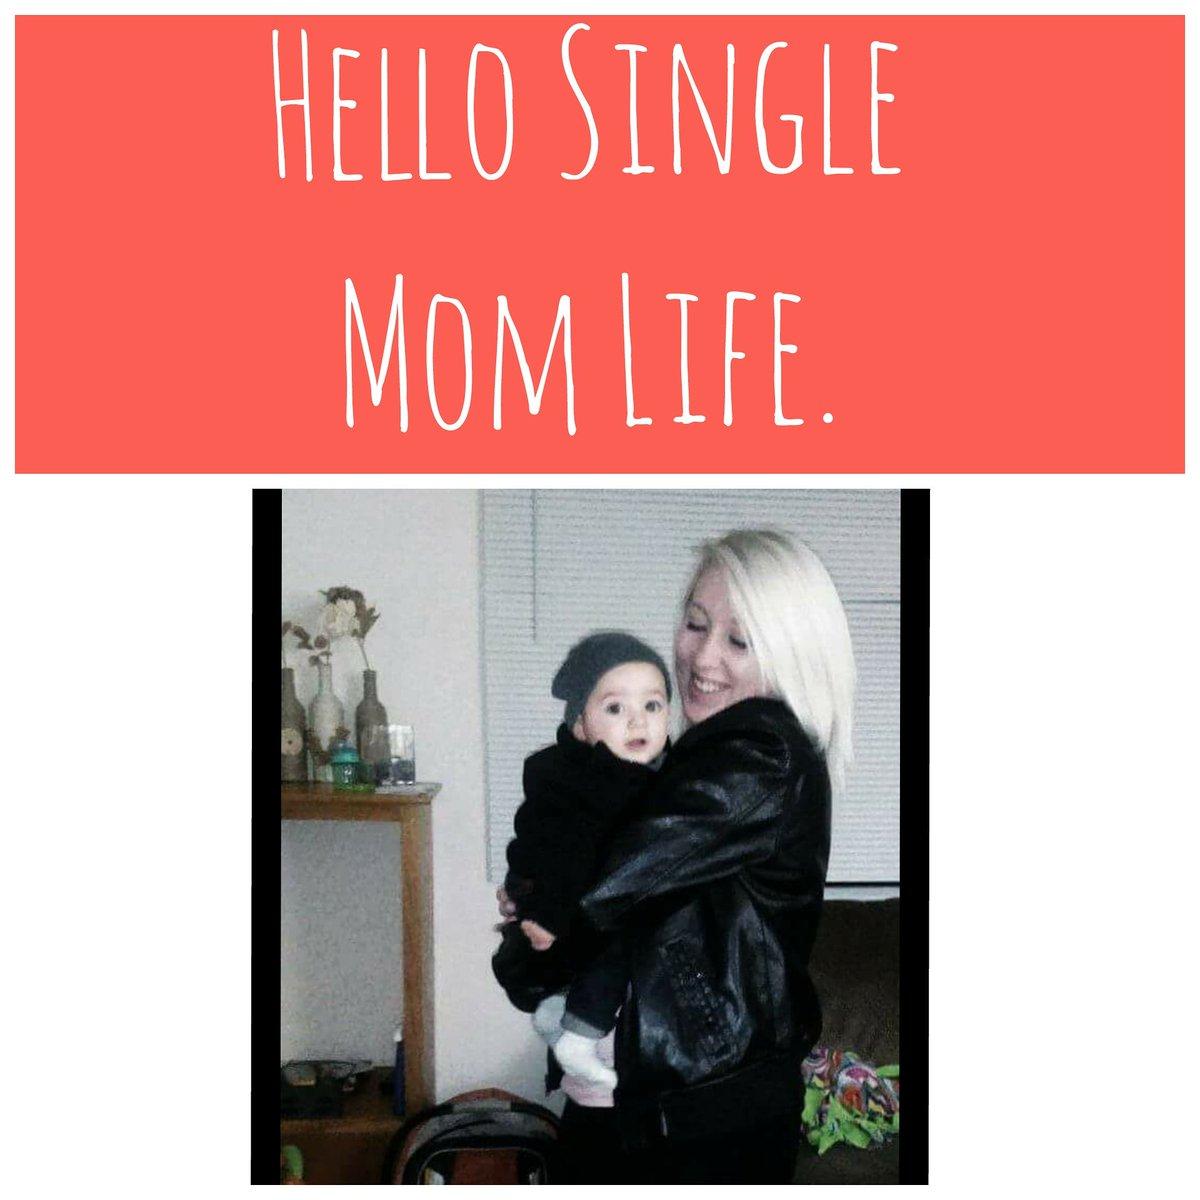 A single mom advice